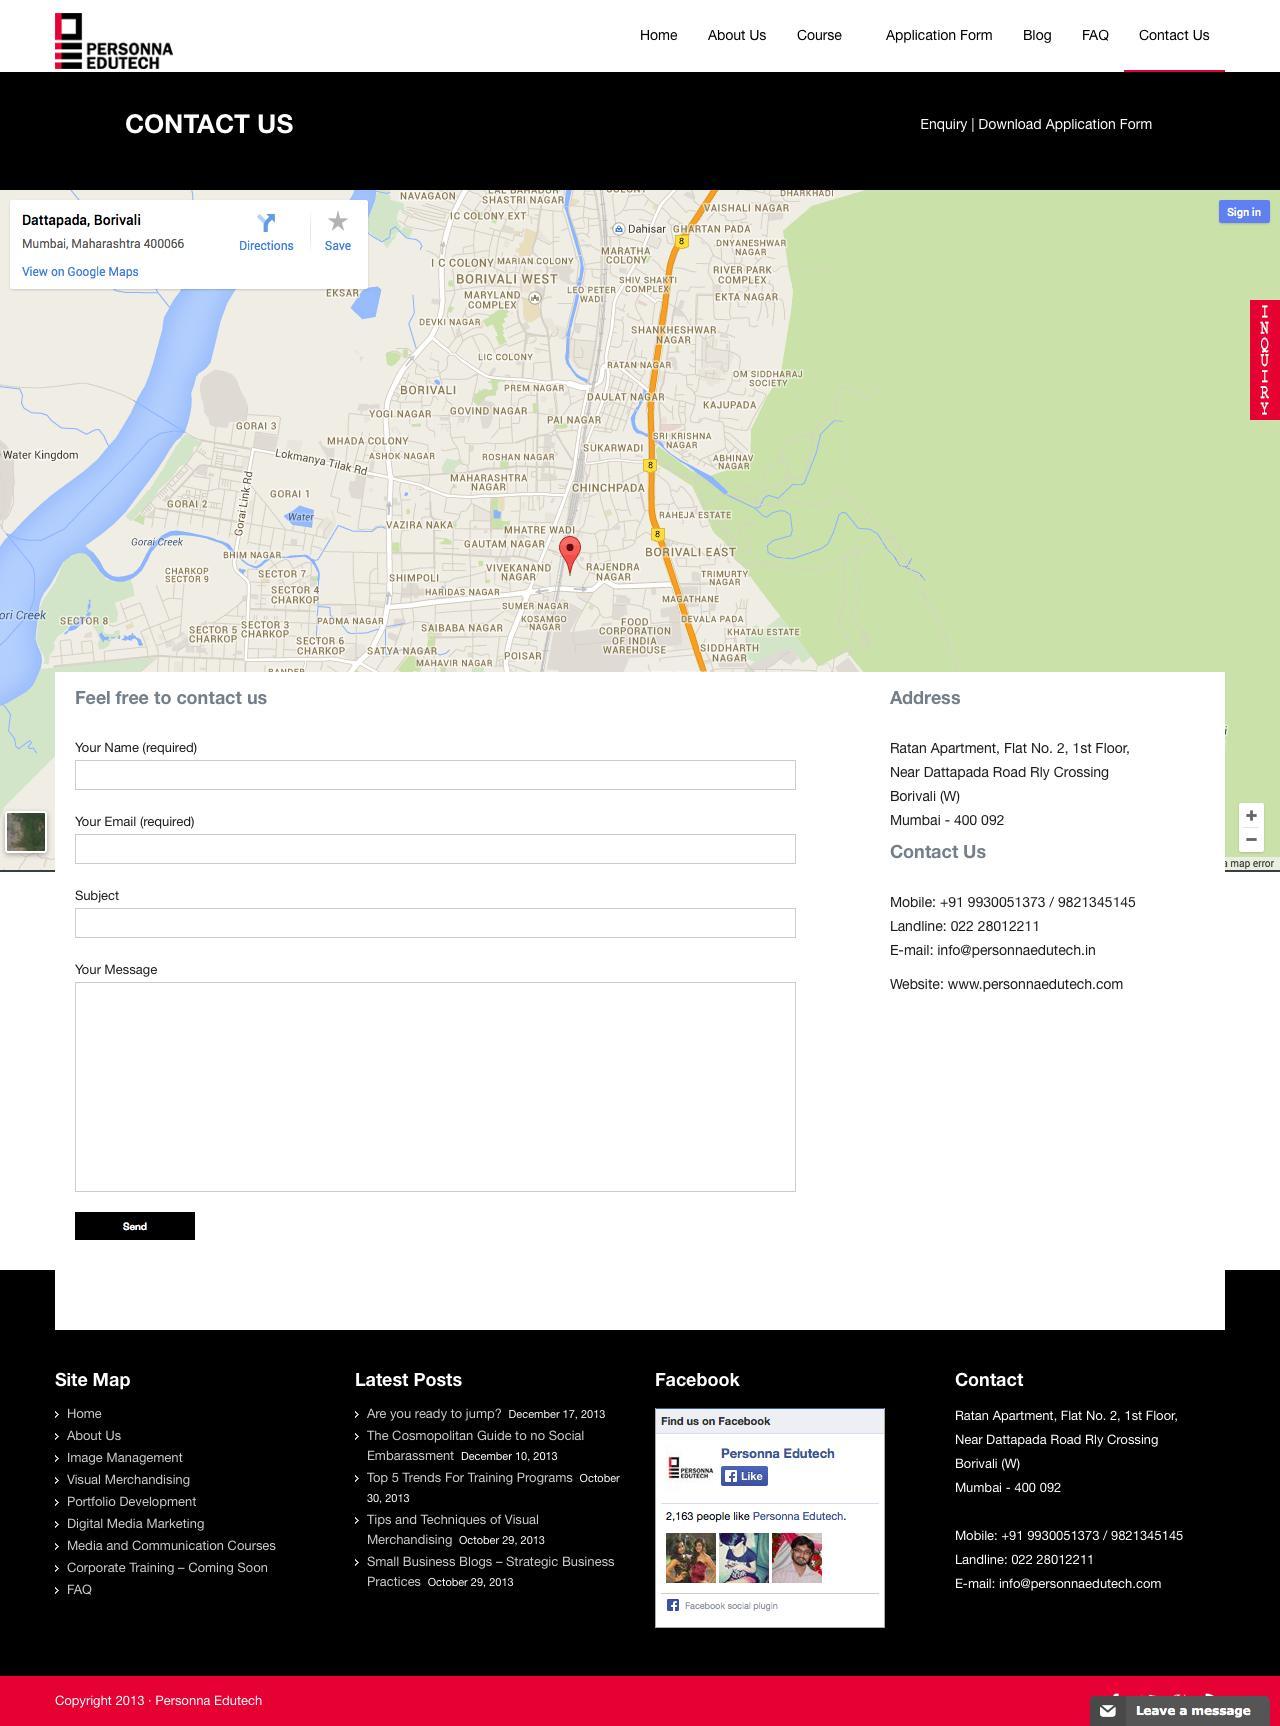 Screenshot of personnaedutech.com - Personna Edutech |   Contact Us - captured Sept. 29, 2014